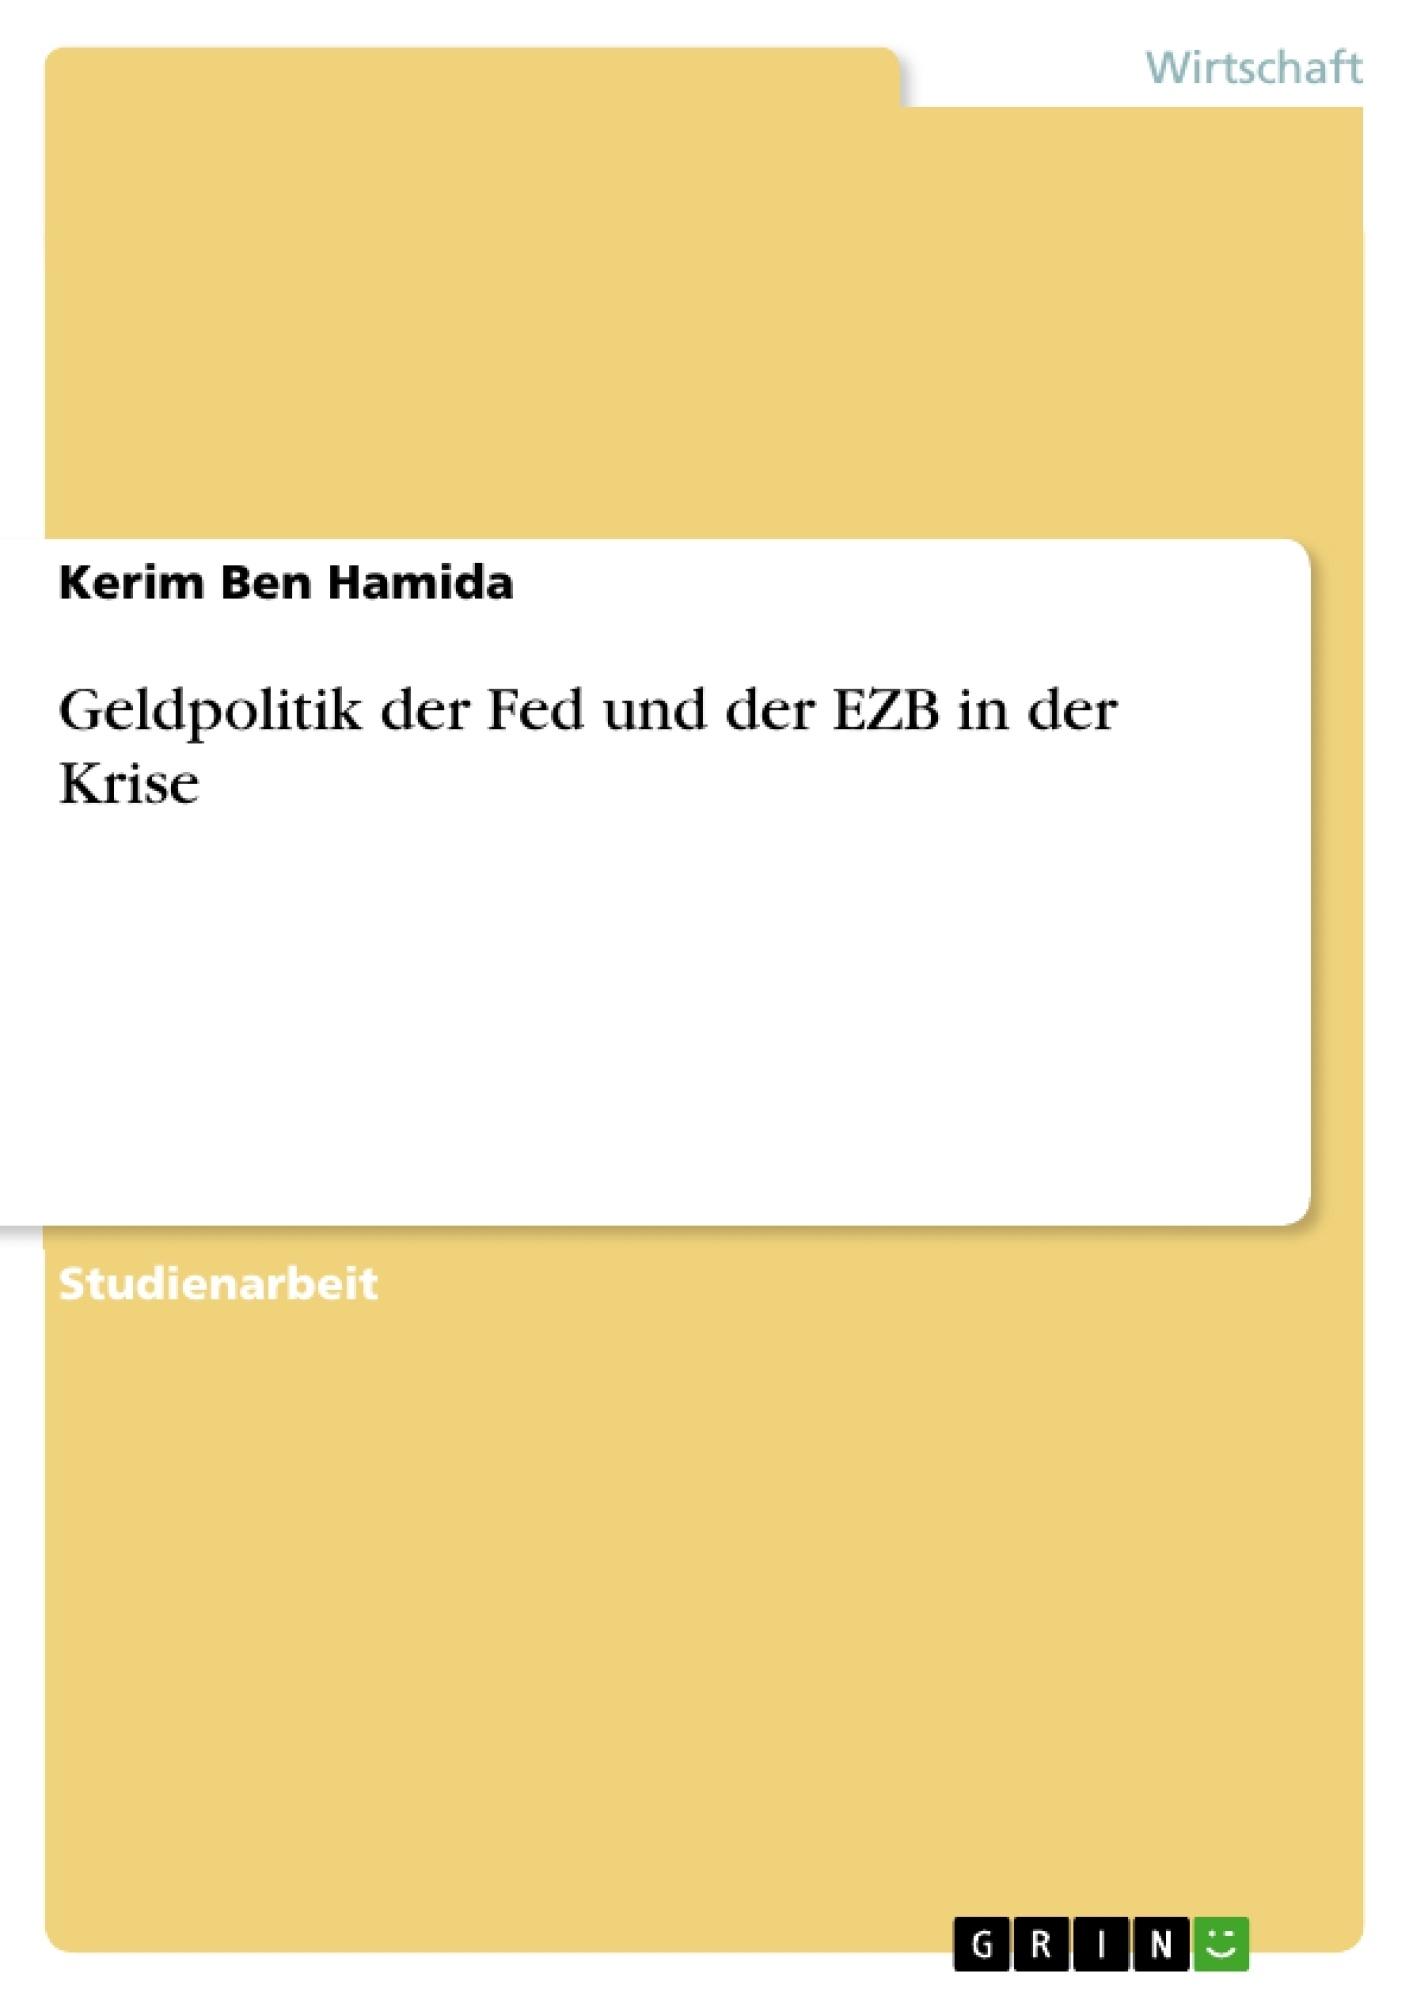 Titel: Geldpolitik der Fed und der EZB in der Krise